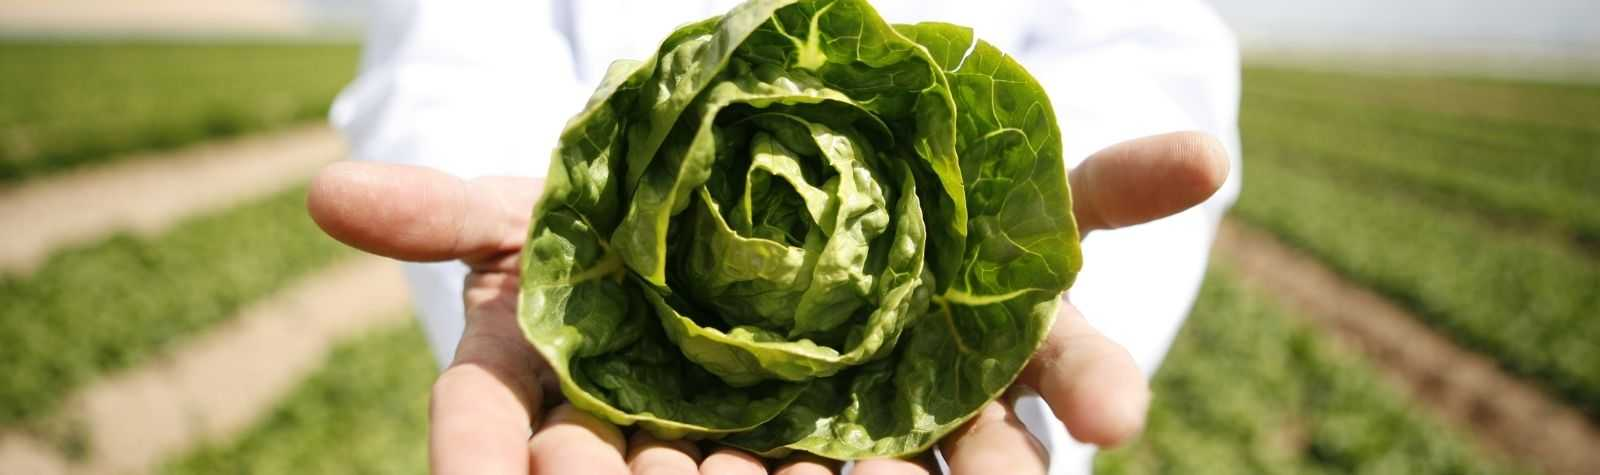 La Ley de Cadena alimentaria plantea dificultades de aplicación en el sector de frutas y hortalizas